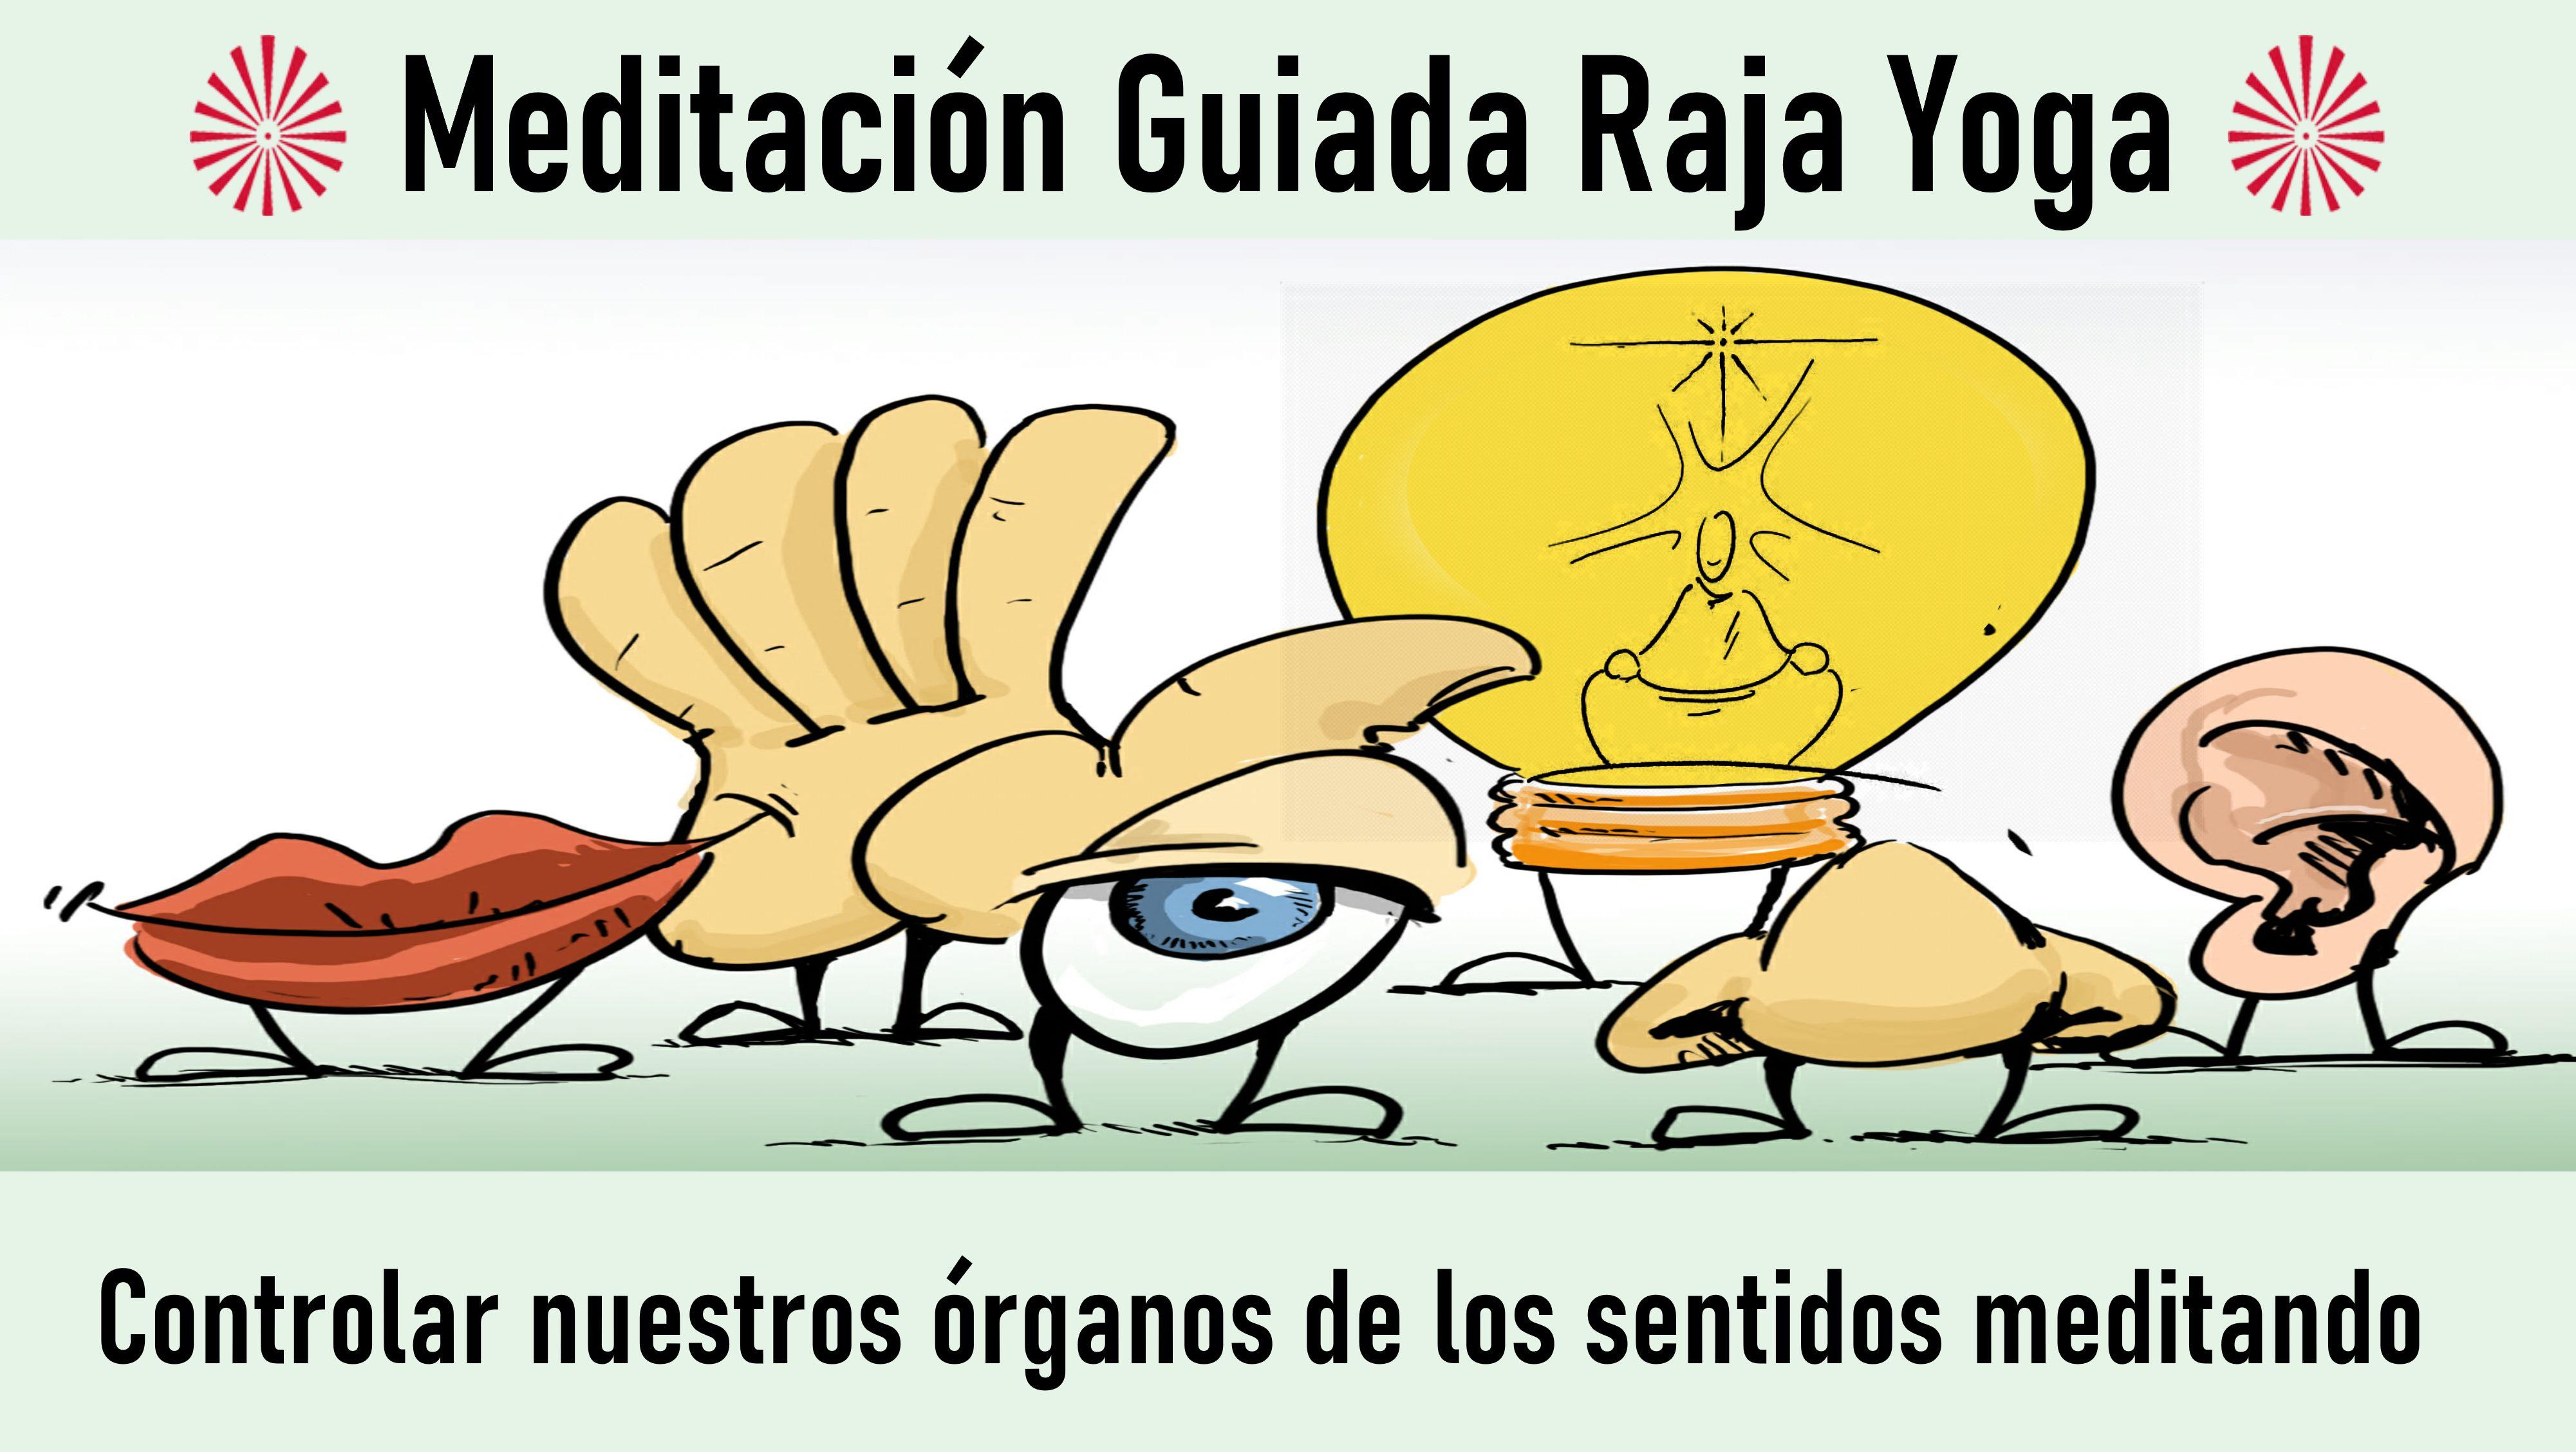 28 Octubre 2020  Meditación guiada: Controlar nuestros órganos de los sentidos meditando